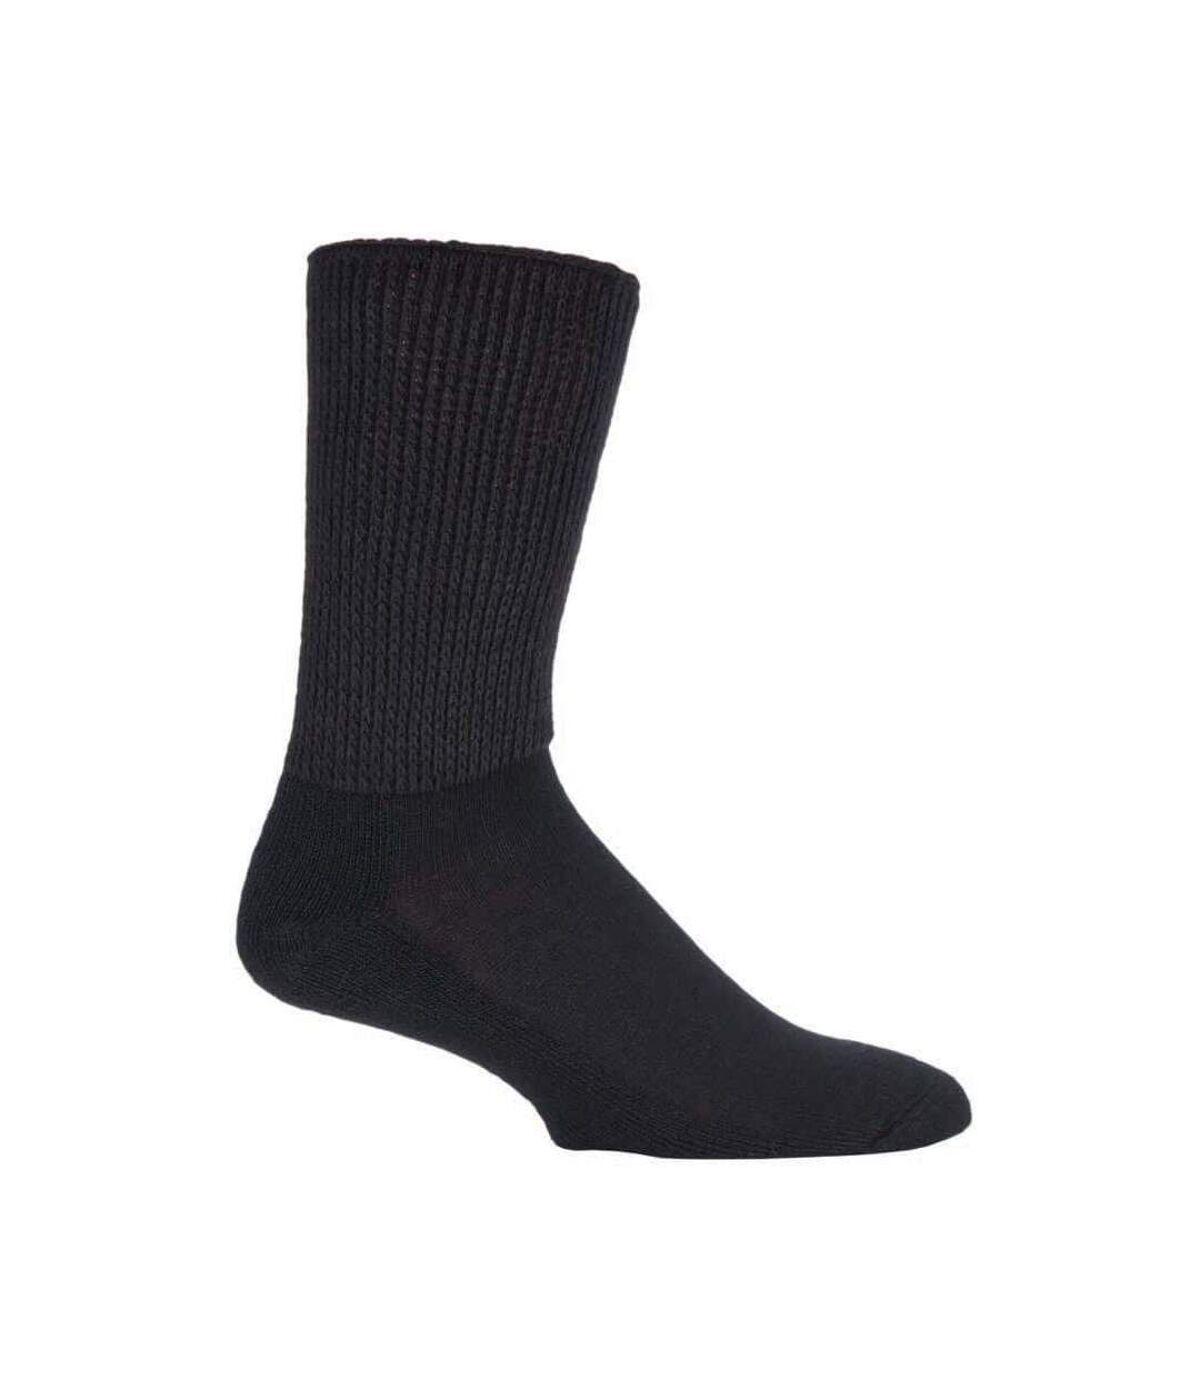 IOMI 3 Pk Diabetic Socks for Swollen Legs